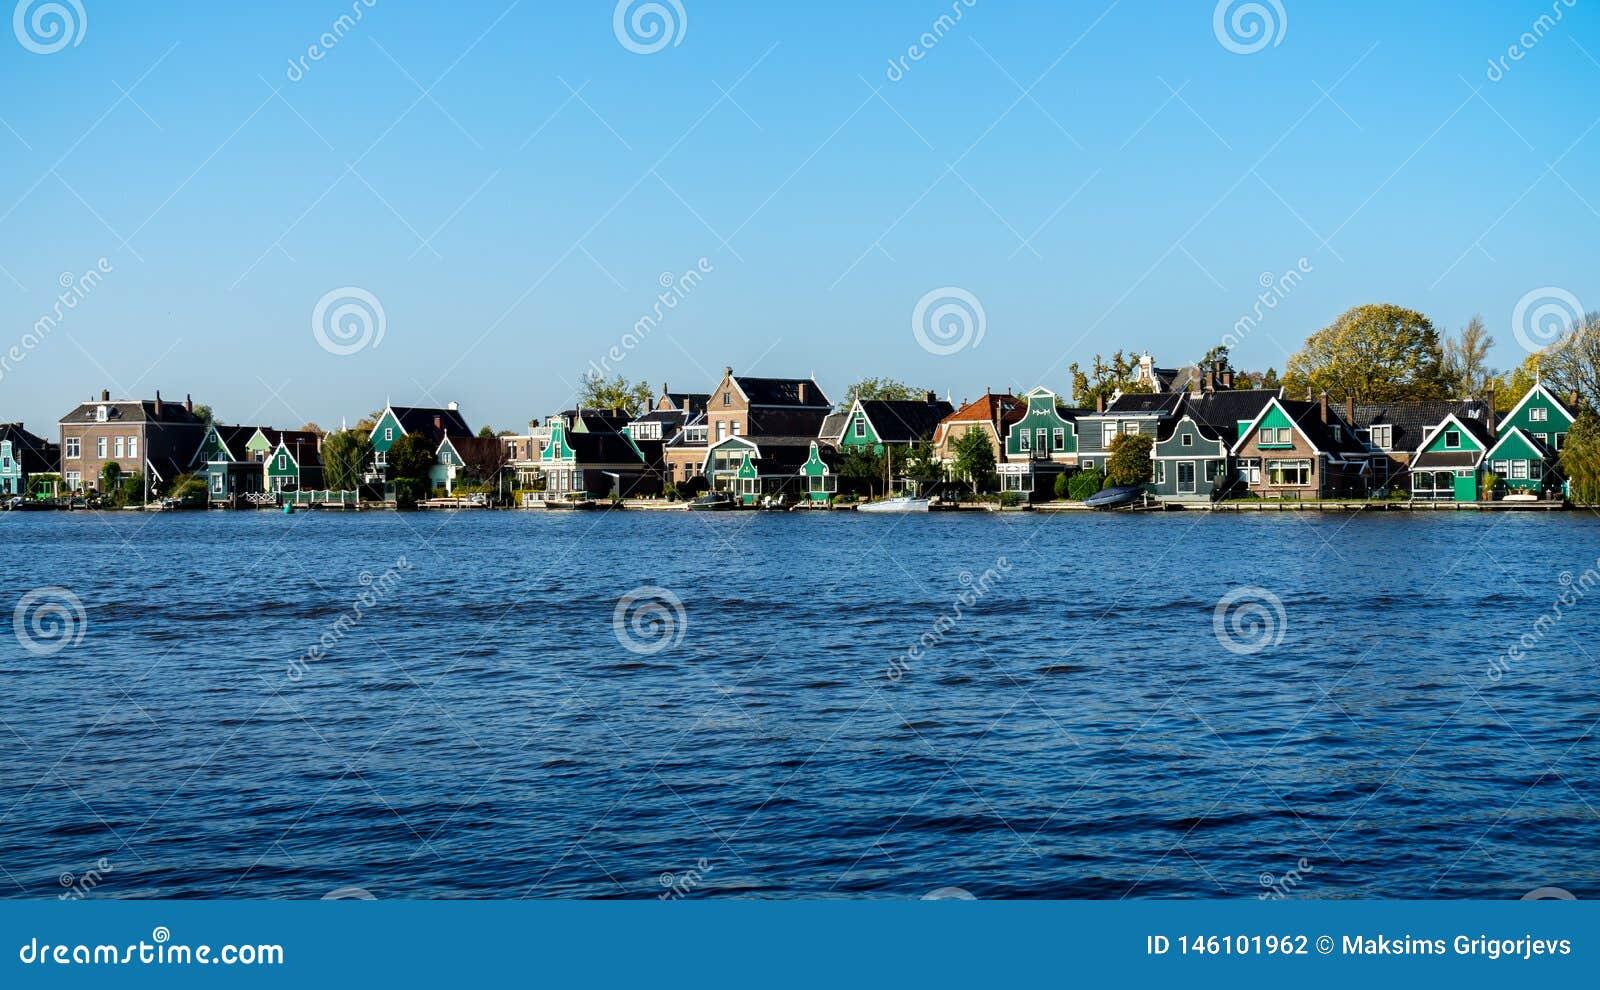 Piękna Holenderska scena z Tradycyjnymi domami kanałem w holandiach